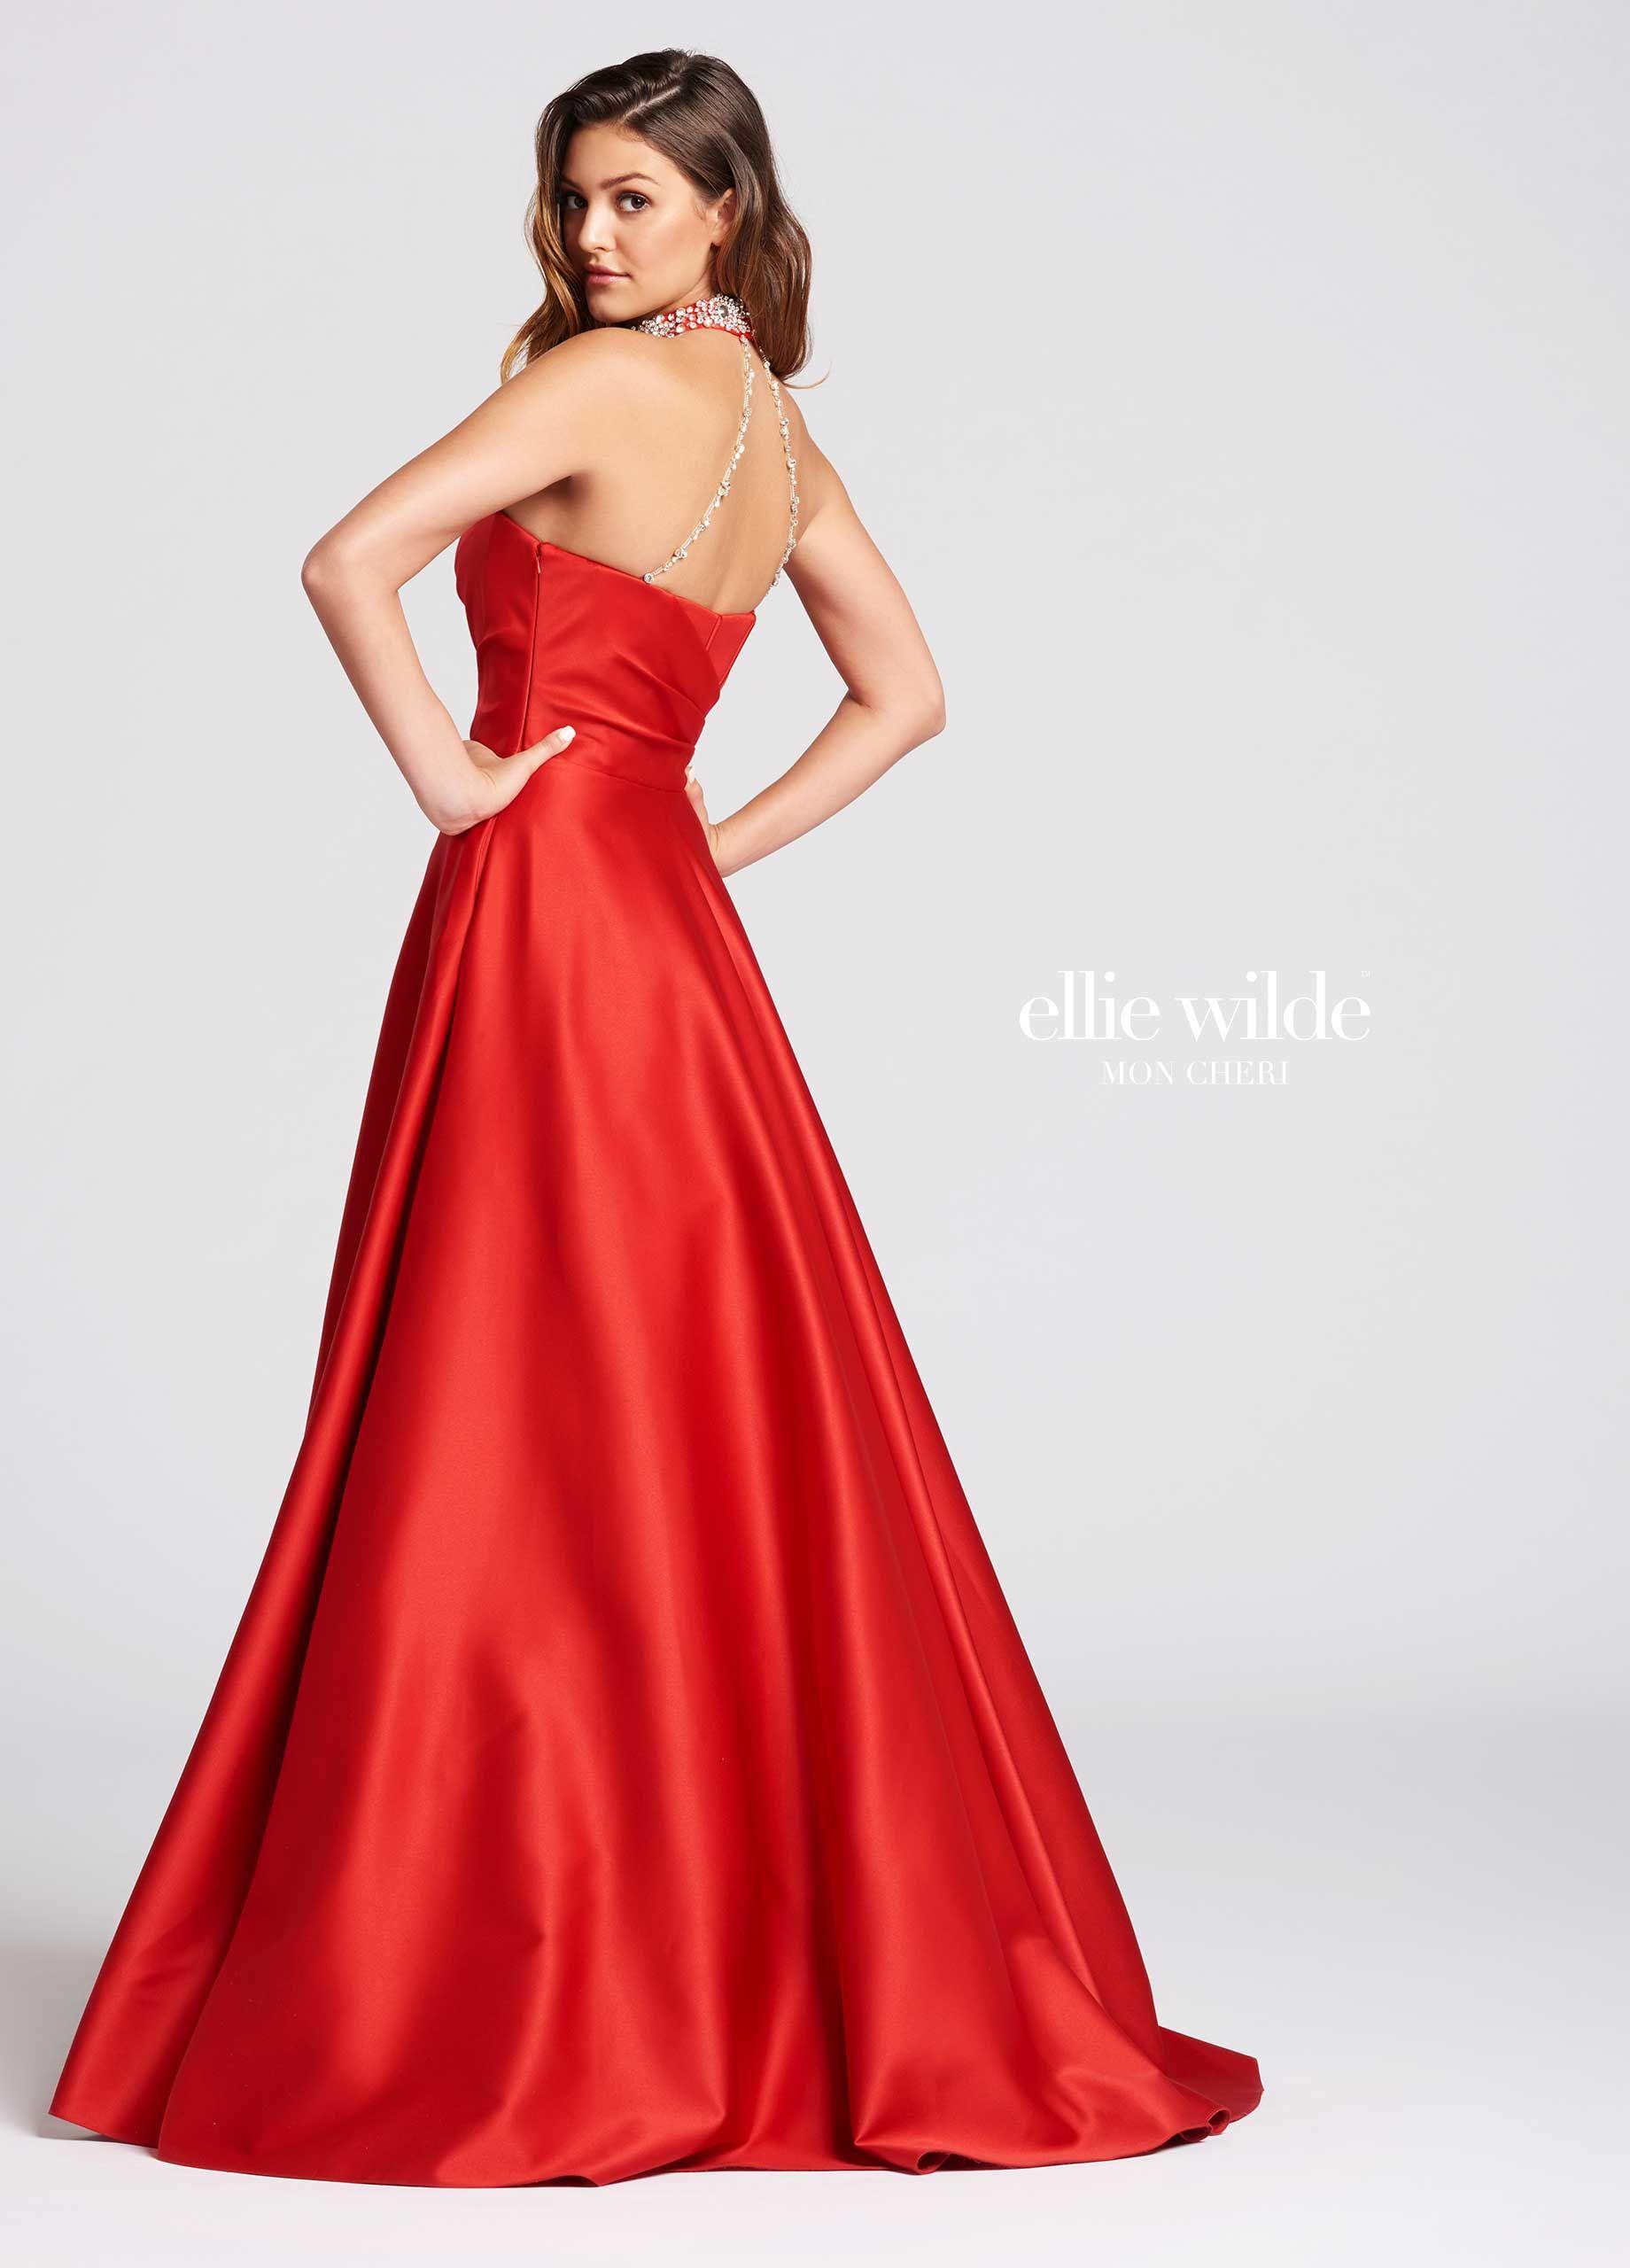 da97858143d596 Strapless Satin A-Line Prom Dress With A Beaded Neckline- EW118020 ...